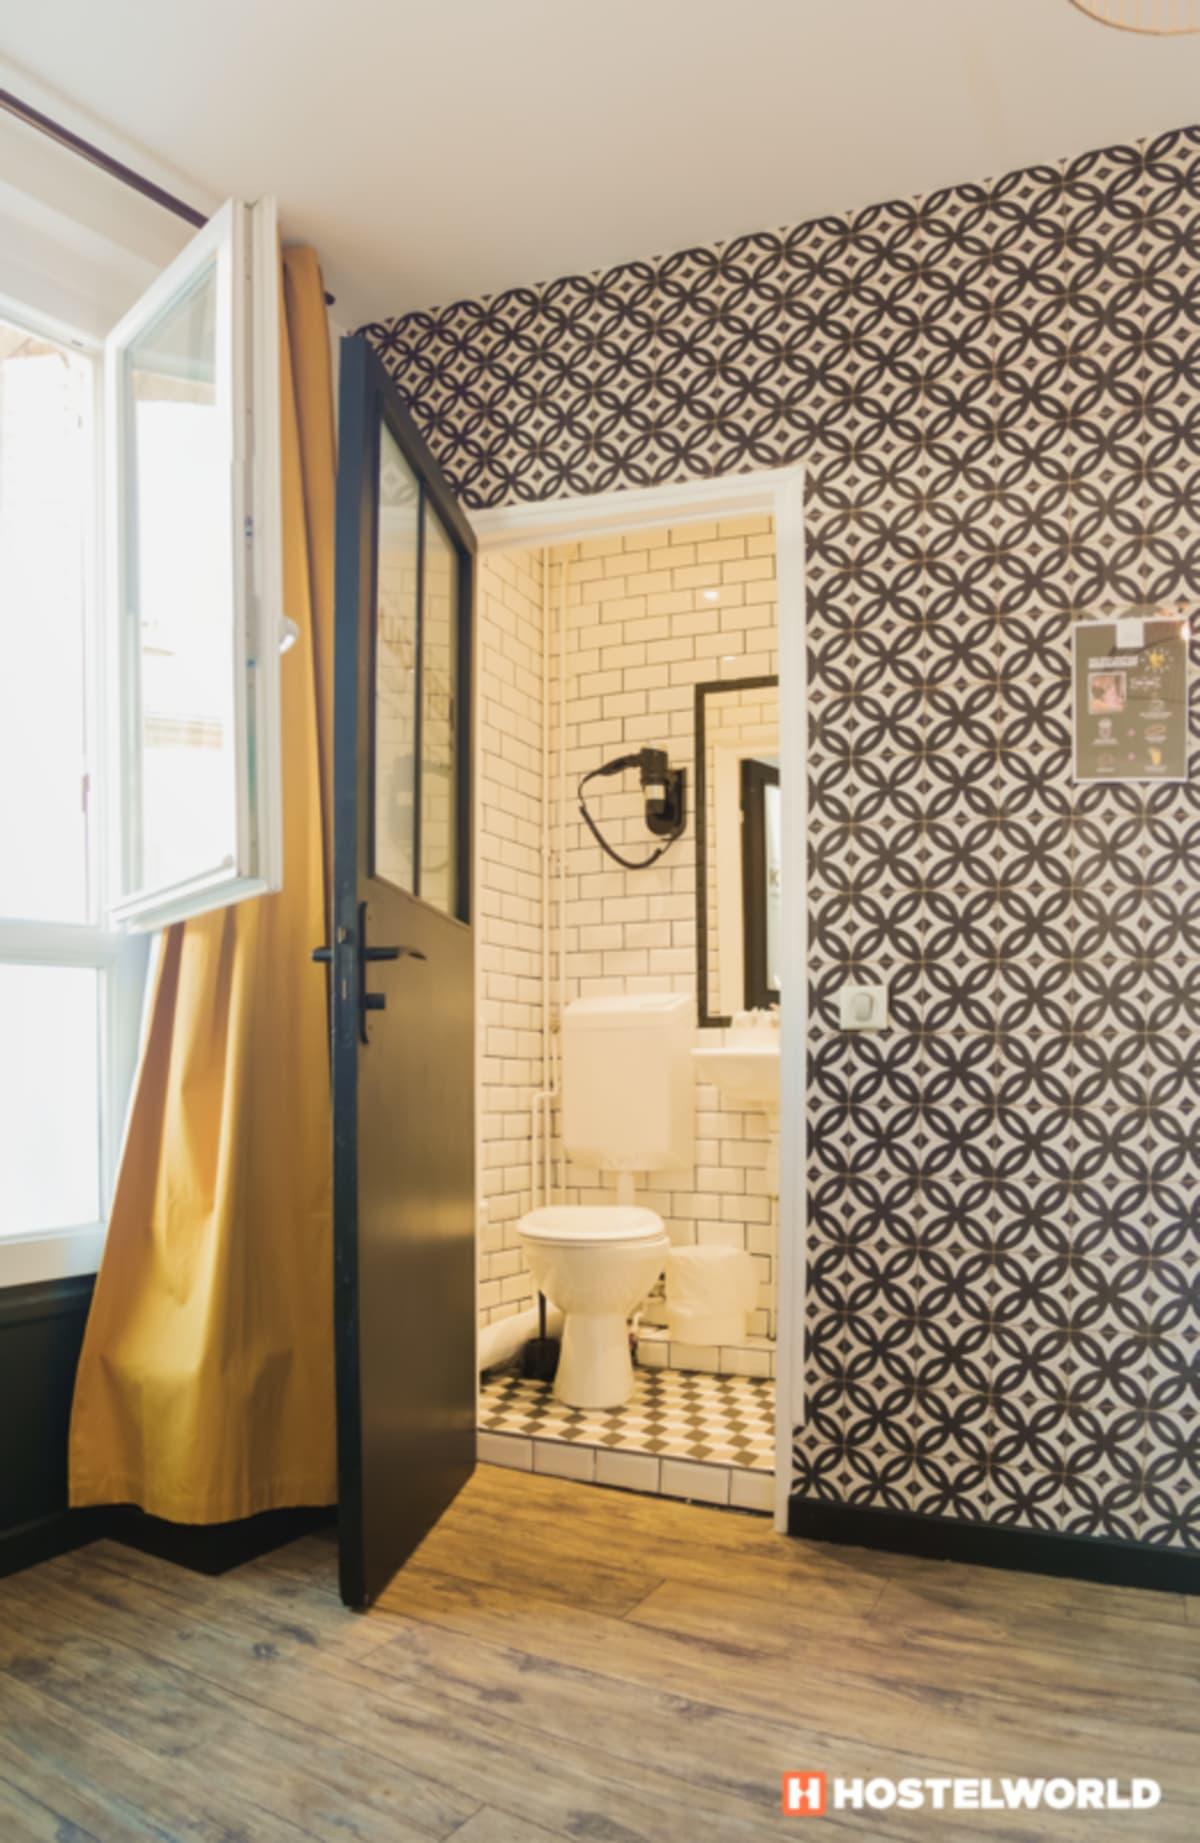 Arty Paris Porte de Versailles by River, Paris, France hostel